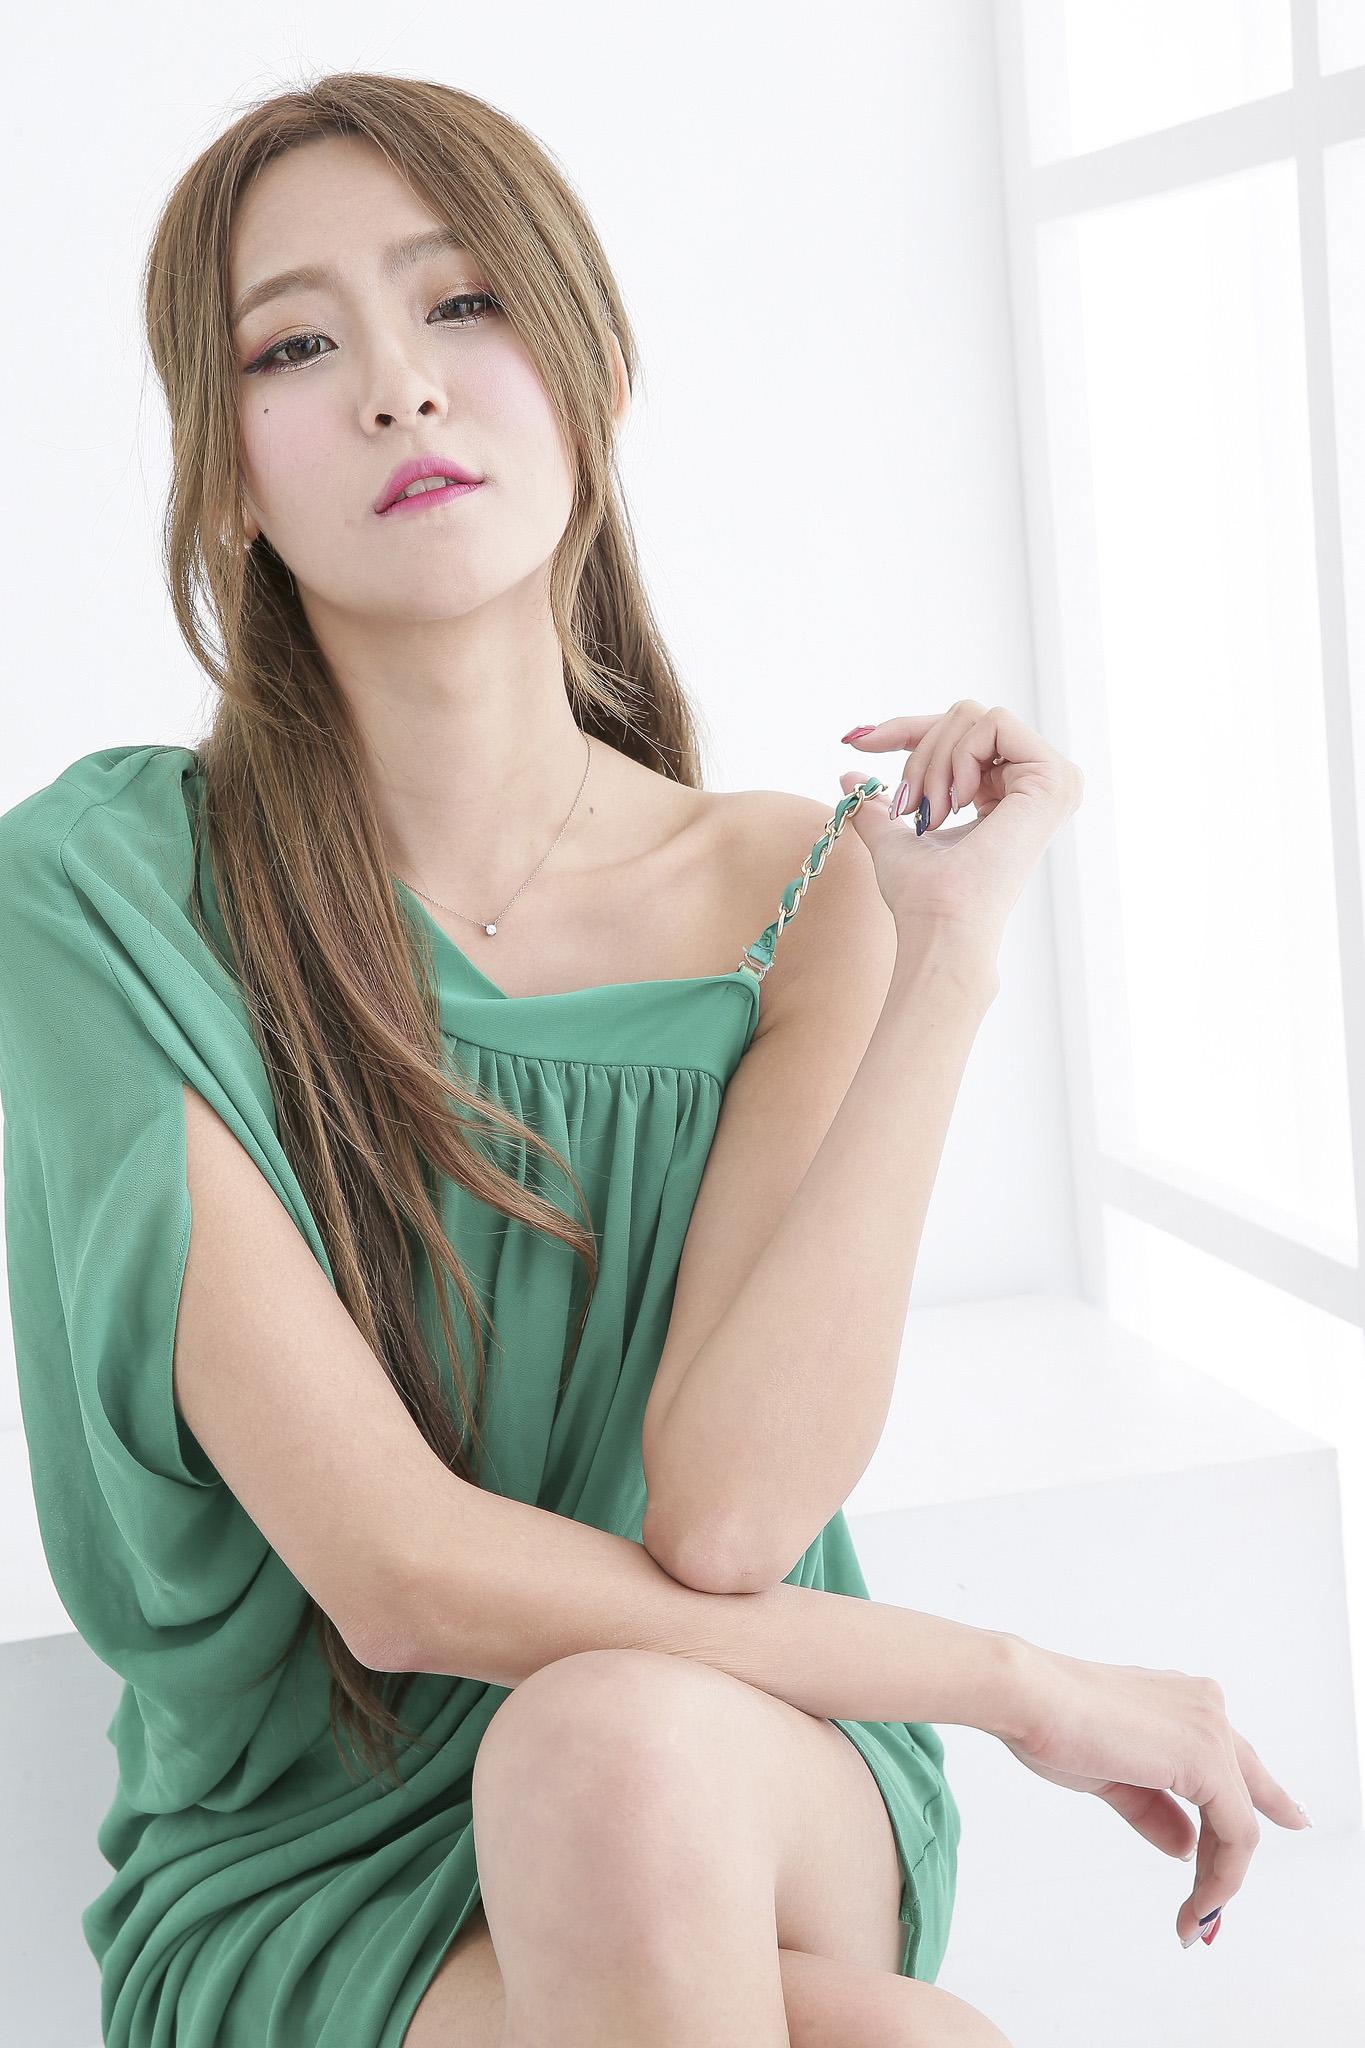 欧美少妇电影_清新美女——庄咏慧[50P] / 直播妹妹博客